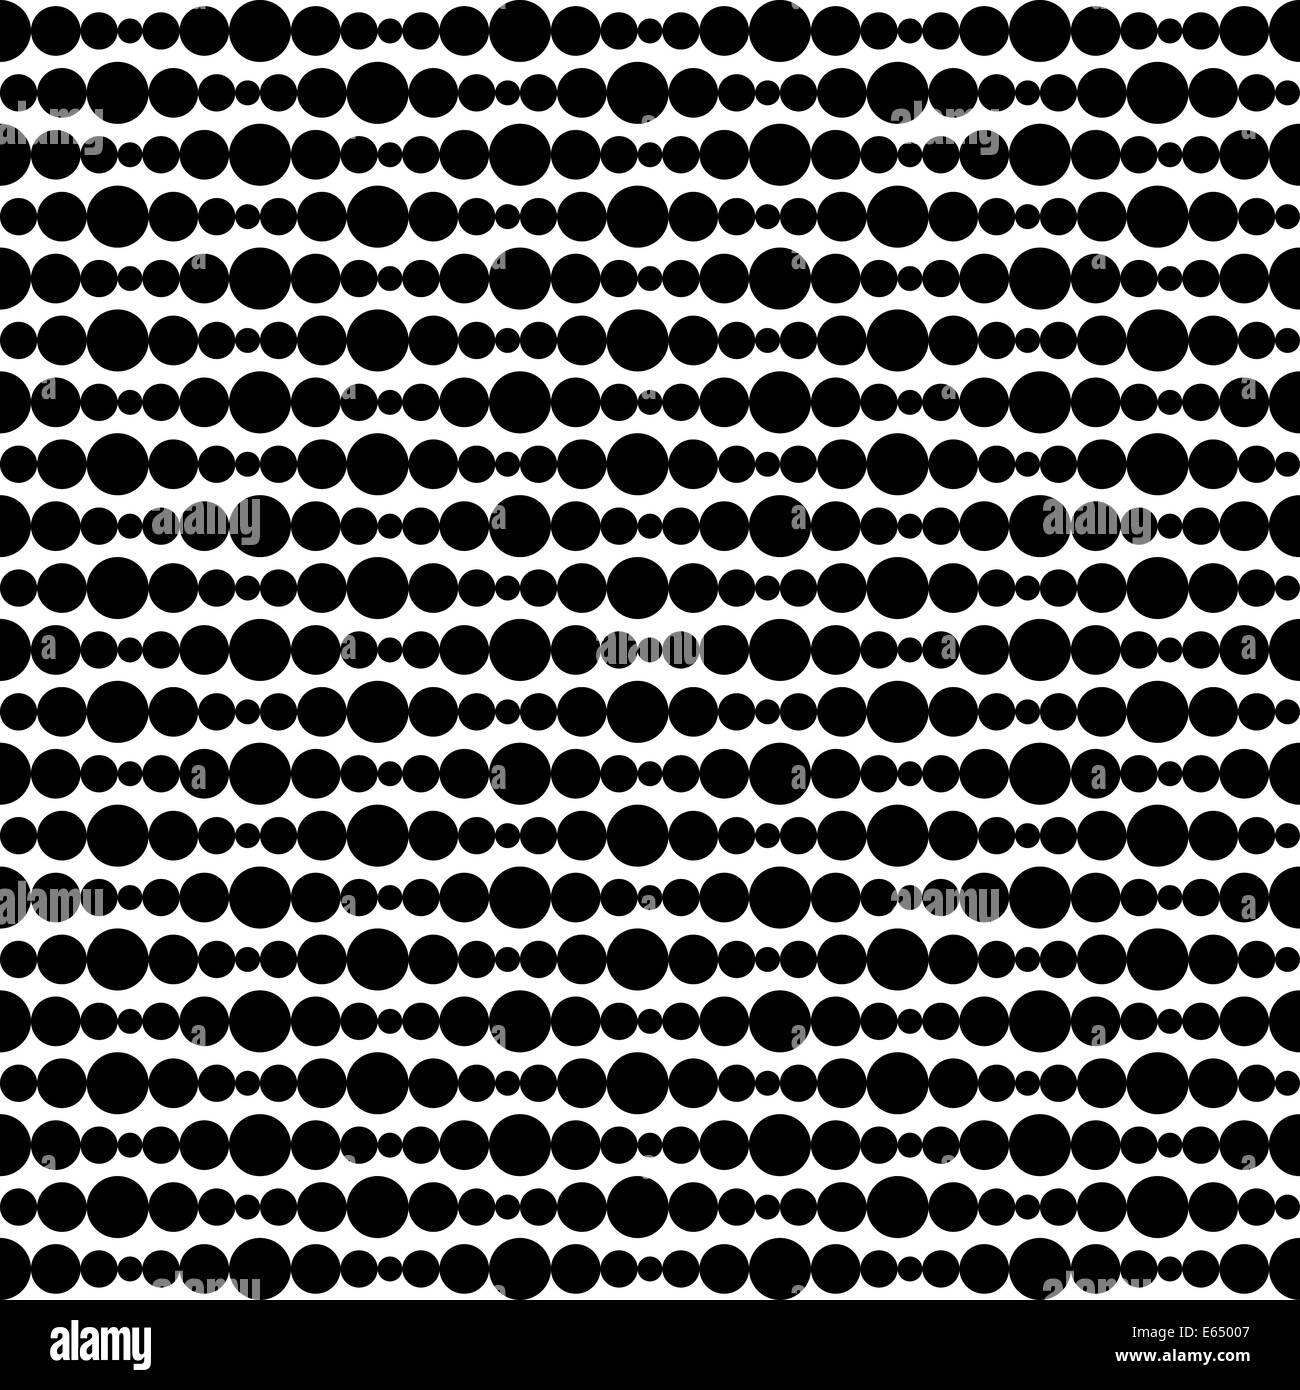 Retro-Muster Punkte Entwicklungskonzeption Retromuster Schwarz Weiß Muster Abstrakt Kunst Artwort Illustration Stockbild